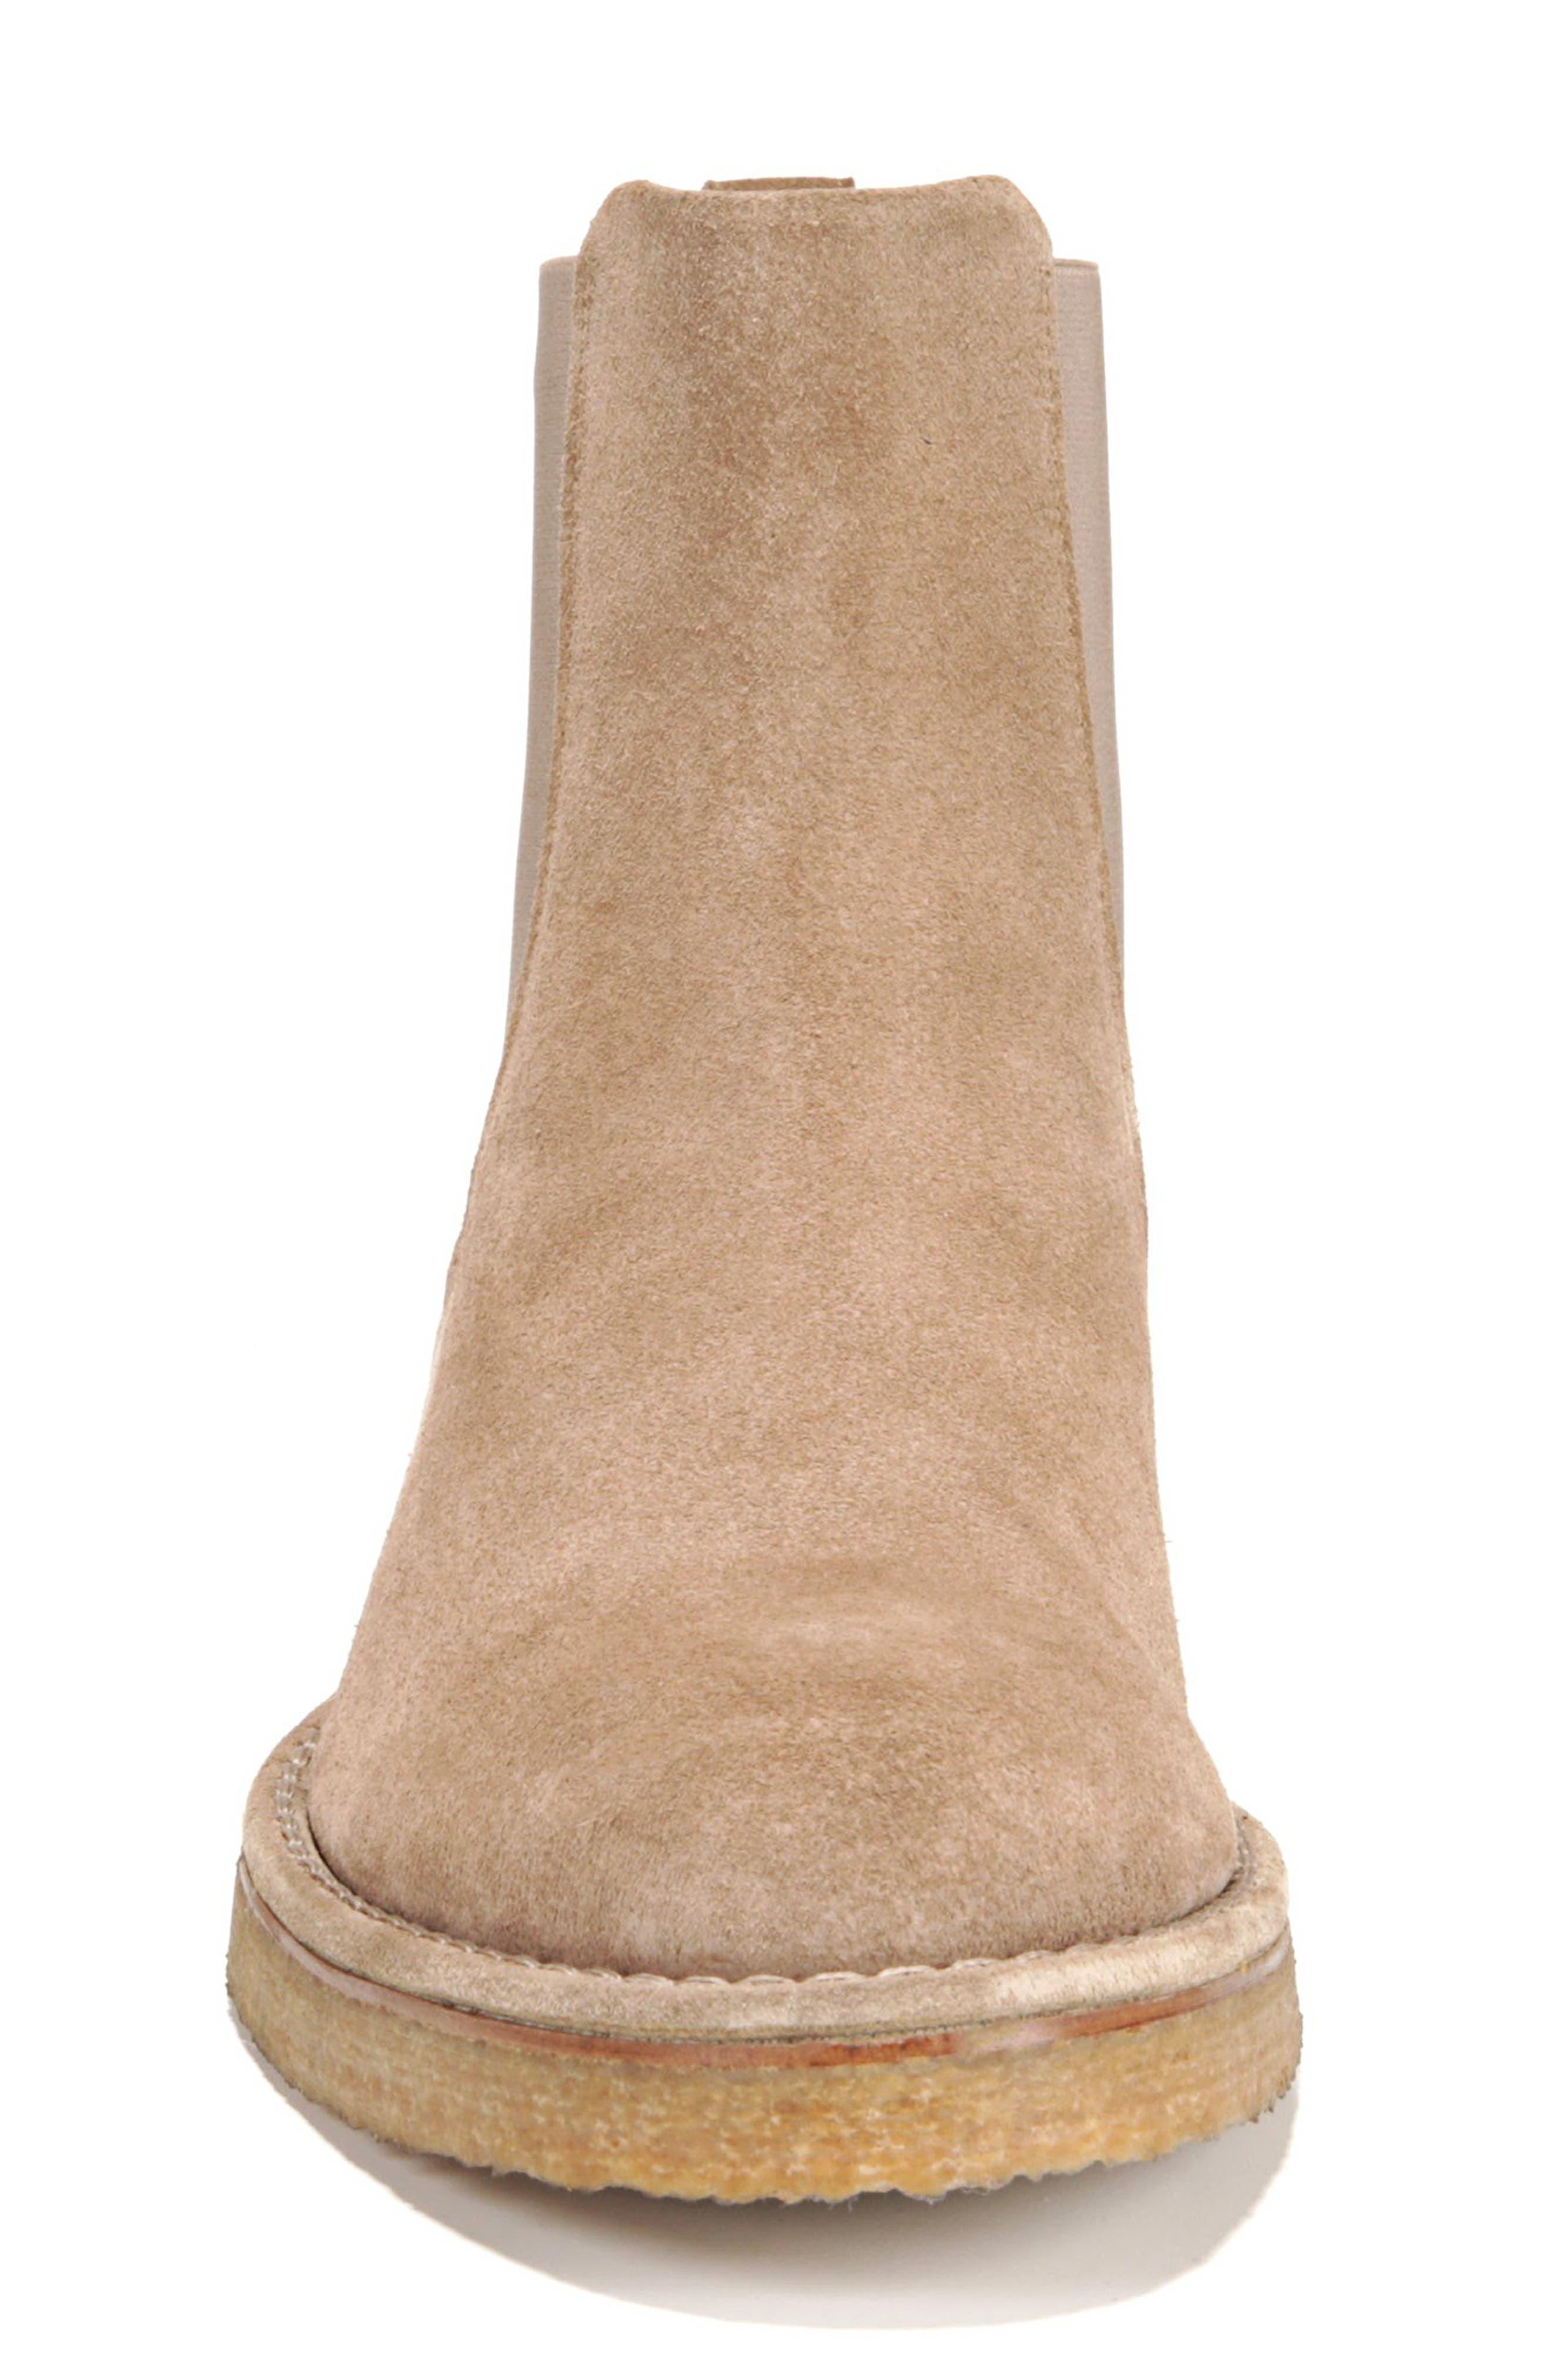 Cressler Chelsea Boot,                             Alternate thumbnail 4, color,                             250